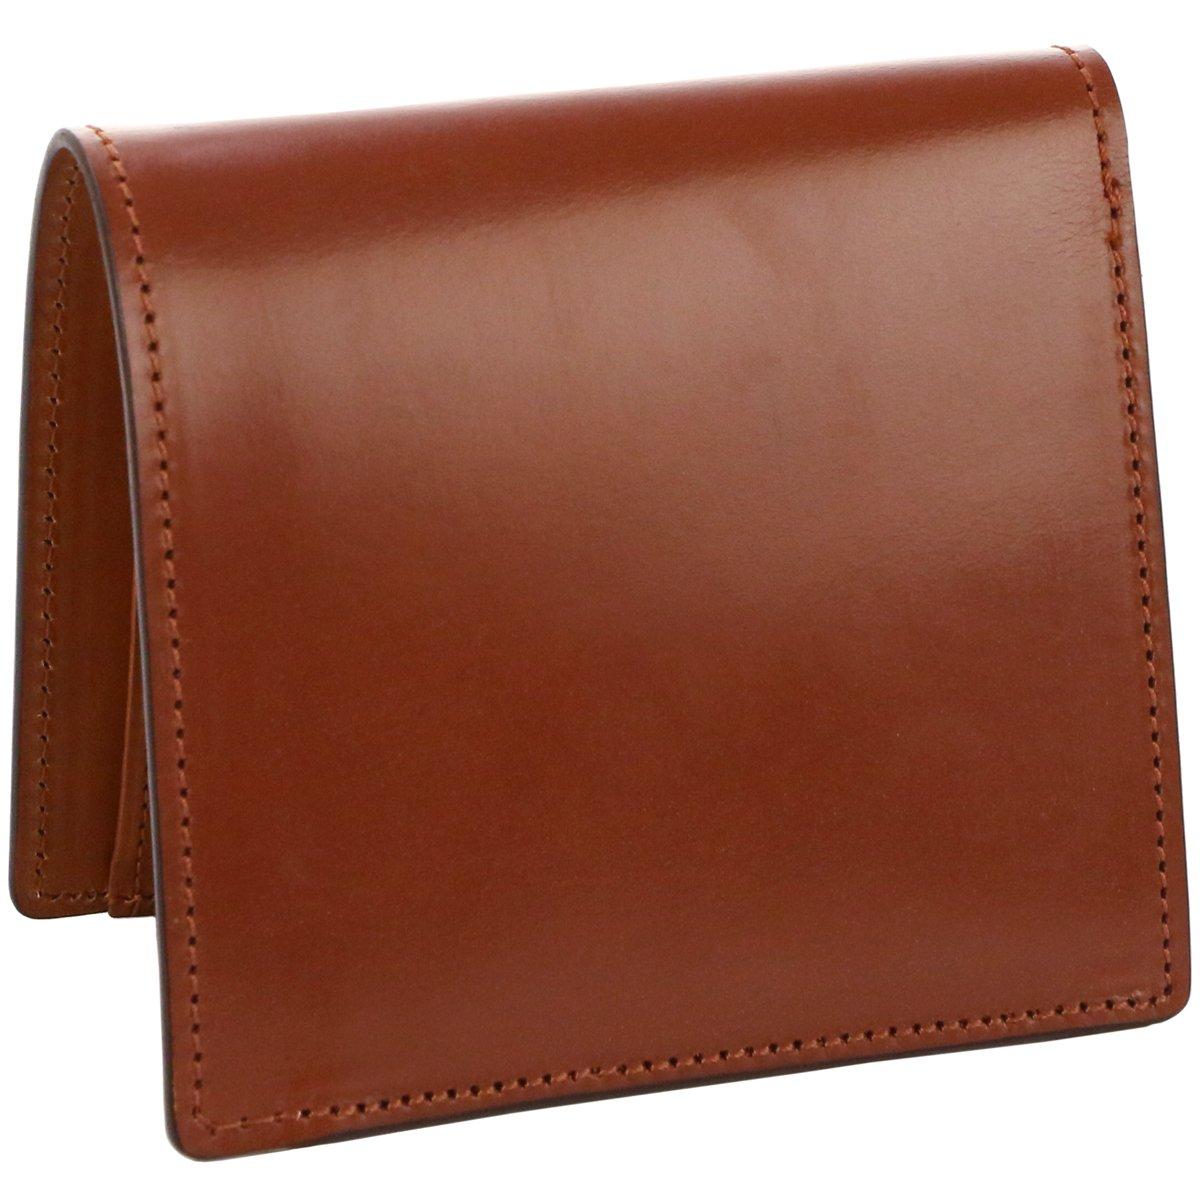 [コルボ] CORBO. -face Bridle Leather- フェイス ブライドルレザー シリーズ 小銭入れ付き 二つ折り財布 1LD-0230 CO-1LD-0230 B07D74YNW1 ヘーゼル ヘーゼル